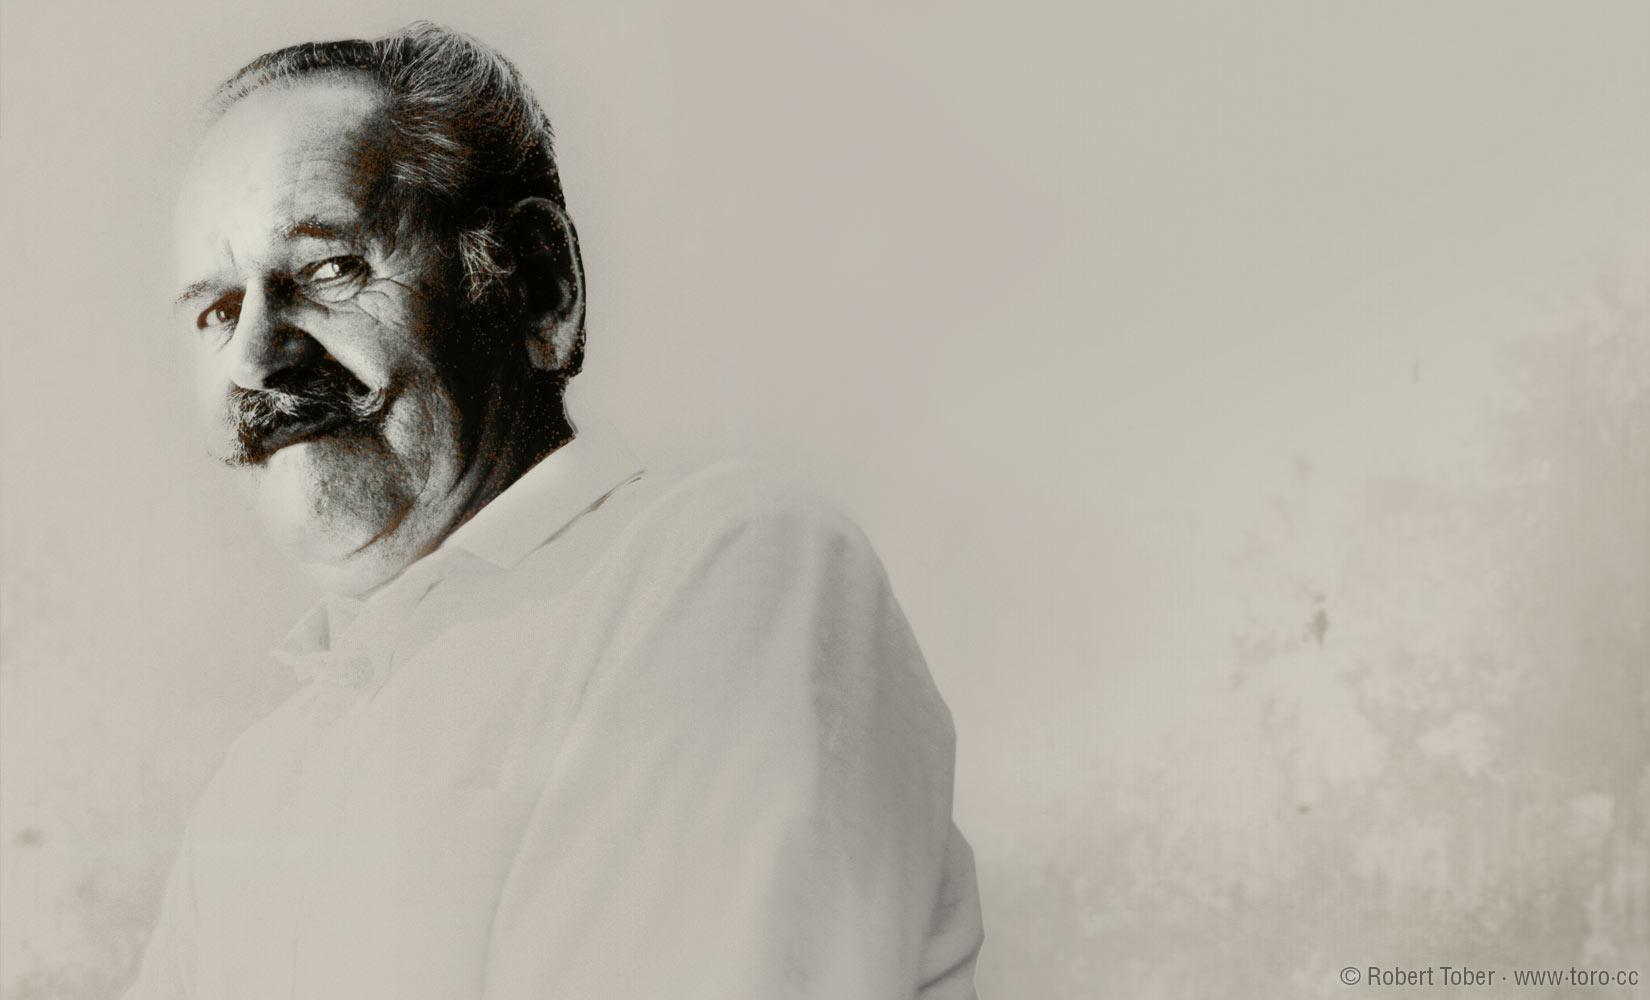 Schwarz-weiß Porträt eines älteren Herrn mit gezwirbeltem Oberlippenbart © Robert Tober